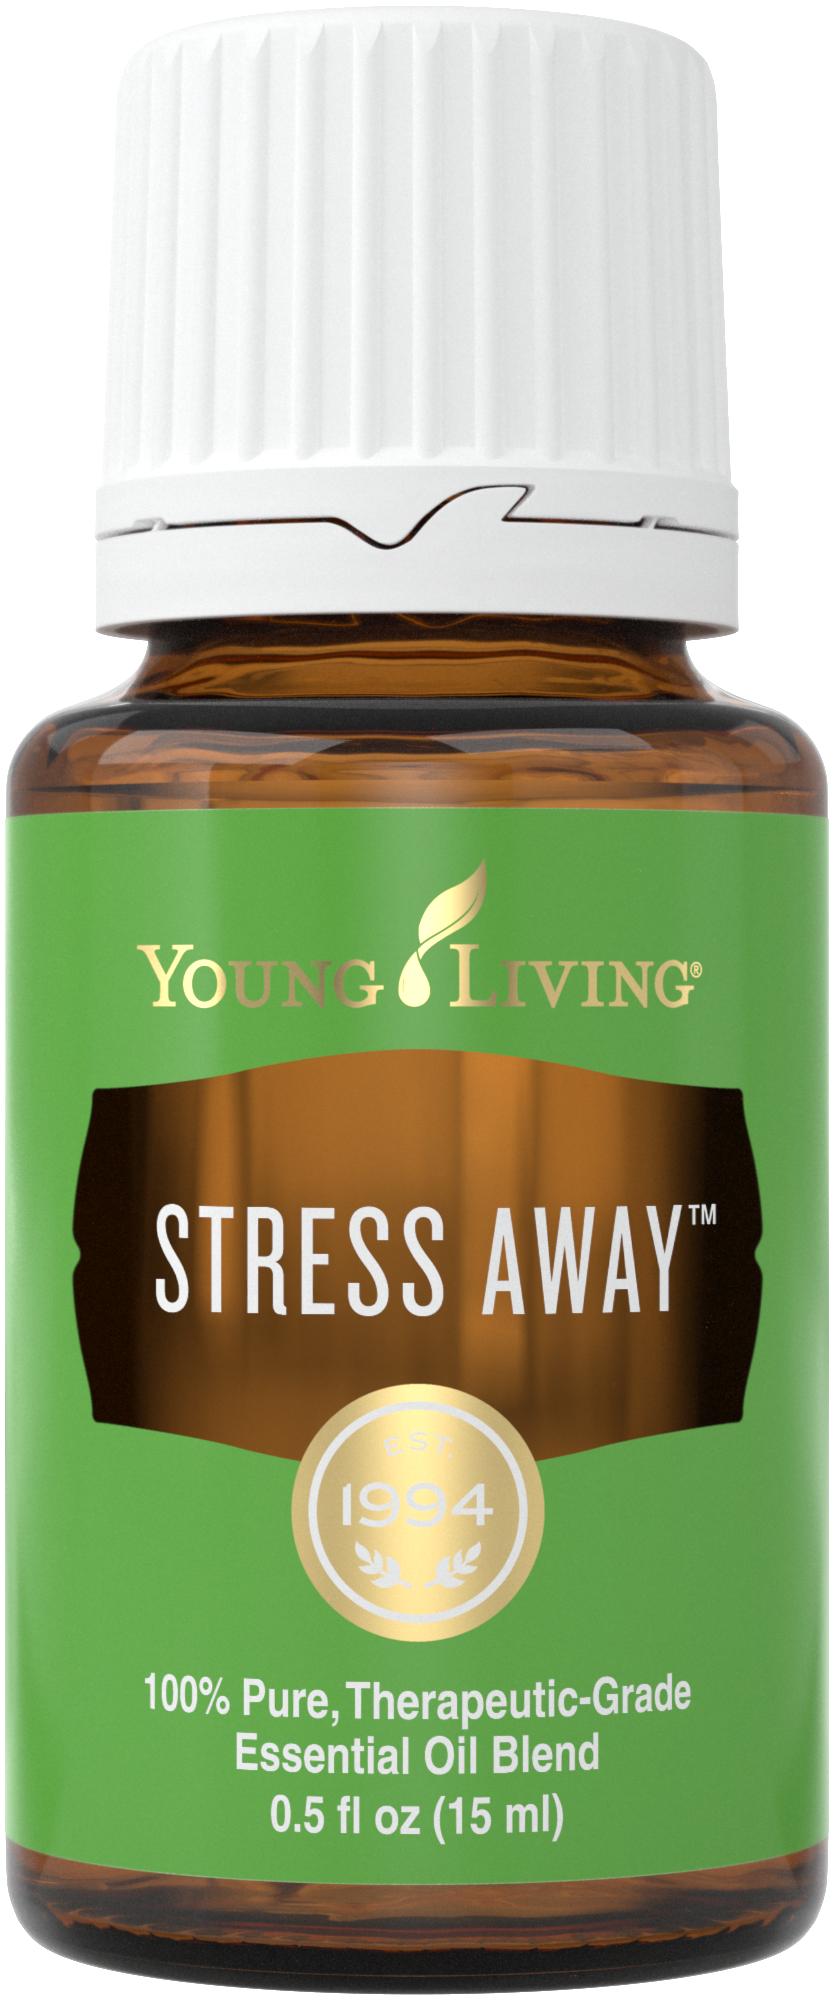 Mezcla de aceites esenciales Stress Away | Vida joven